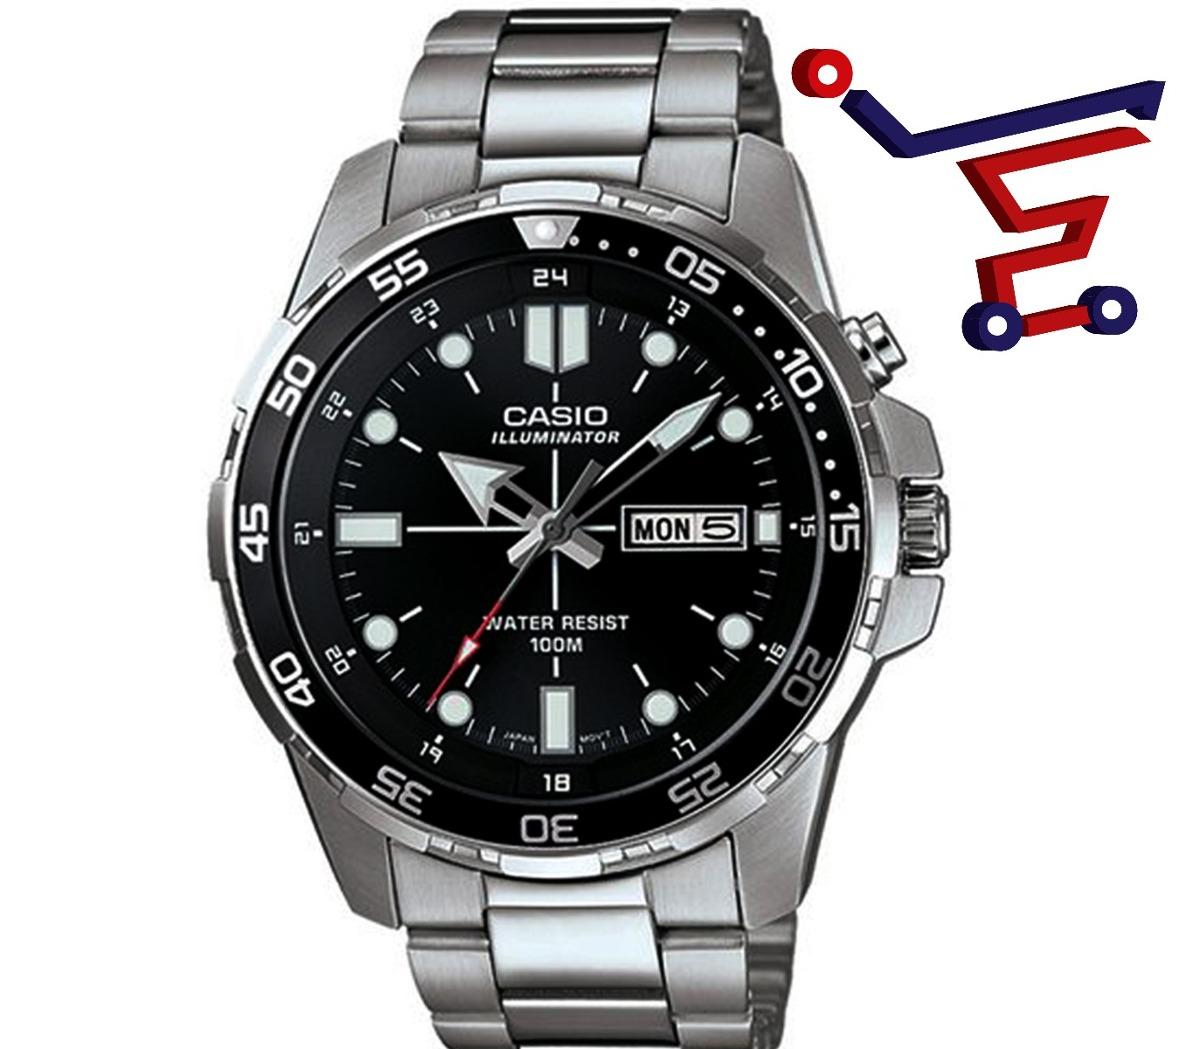 1079d 1a CuarzoPara Hombreledelectro Casio Mtd Reloj De CxrtshQdB